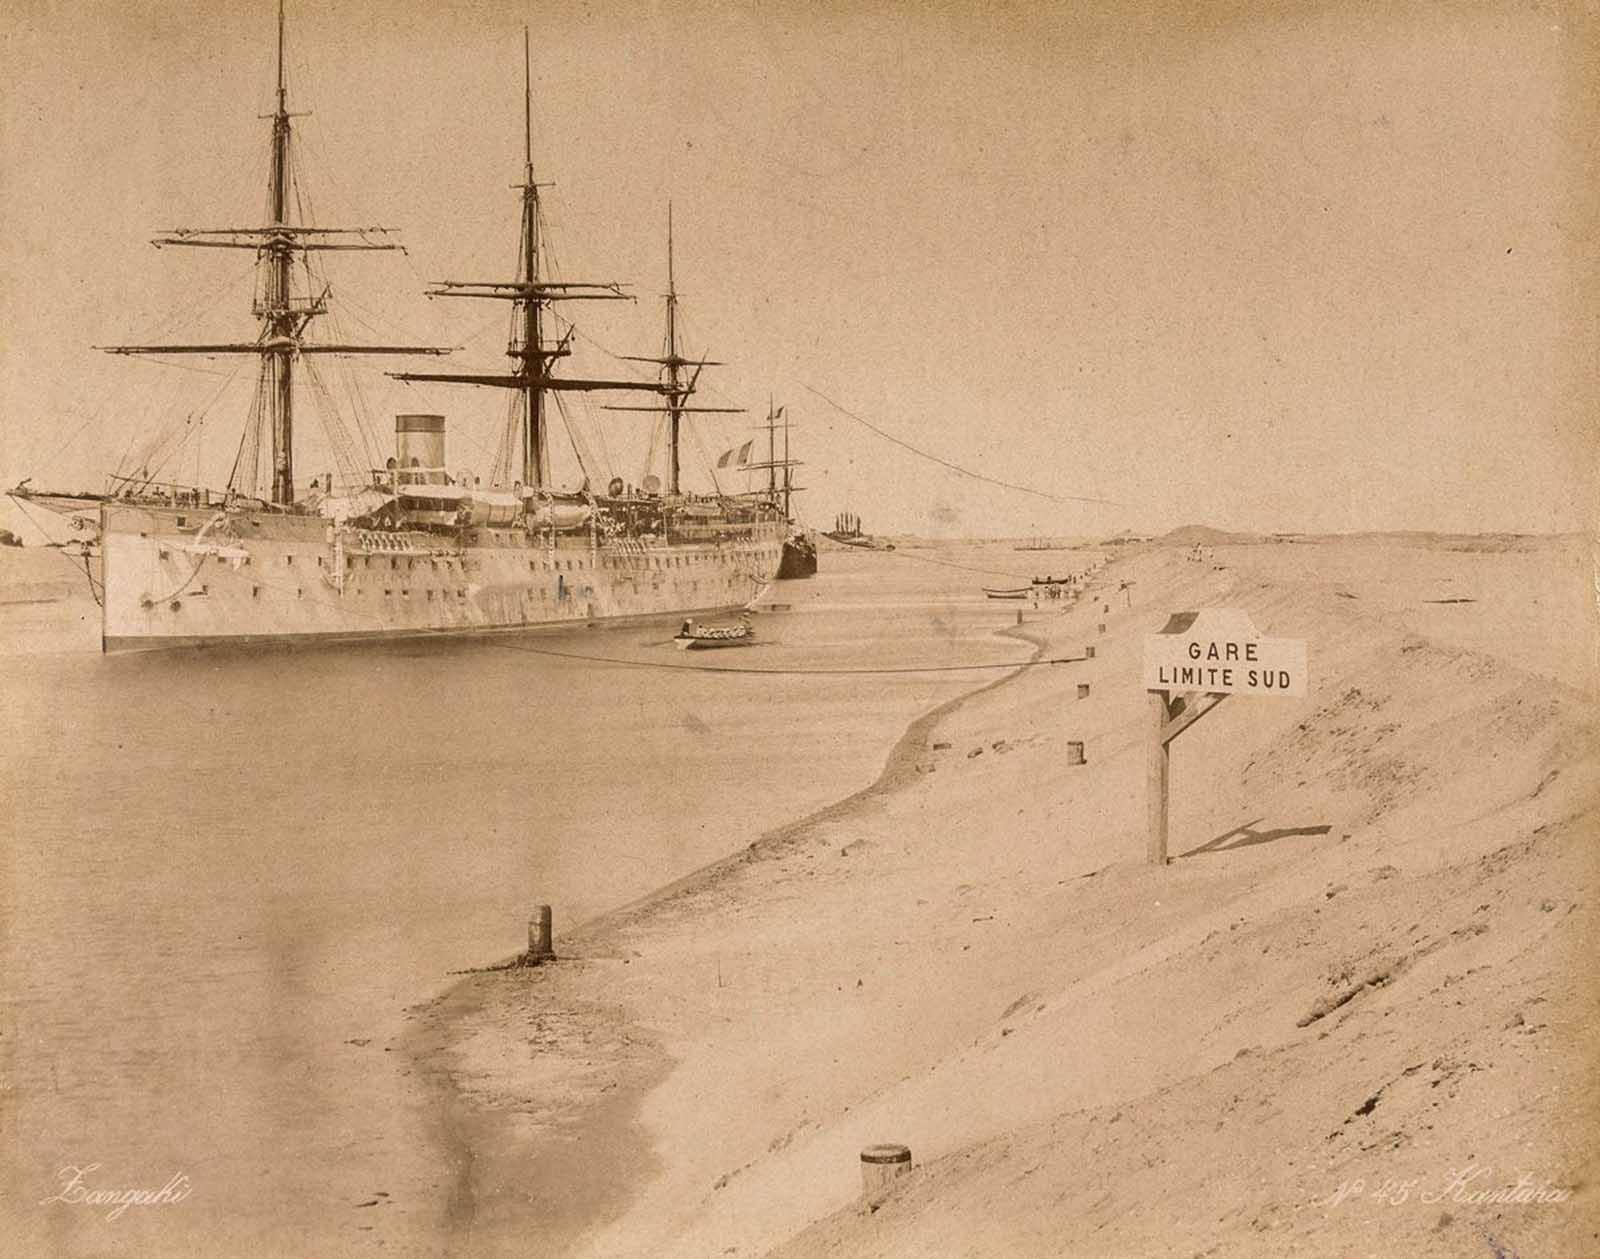 Un barco en el canal de Suez.